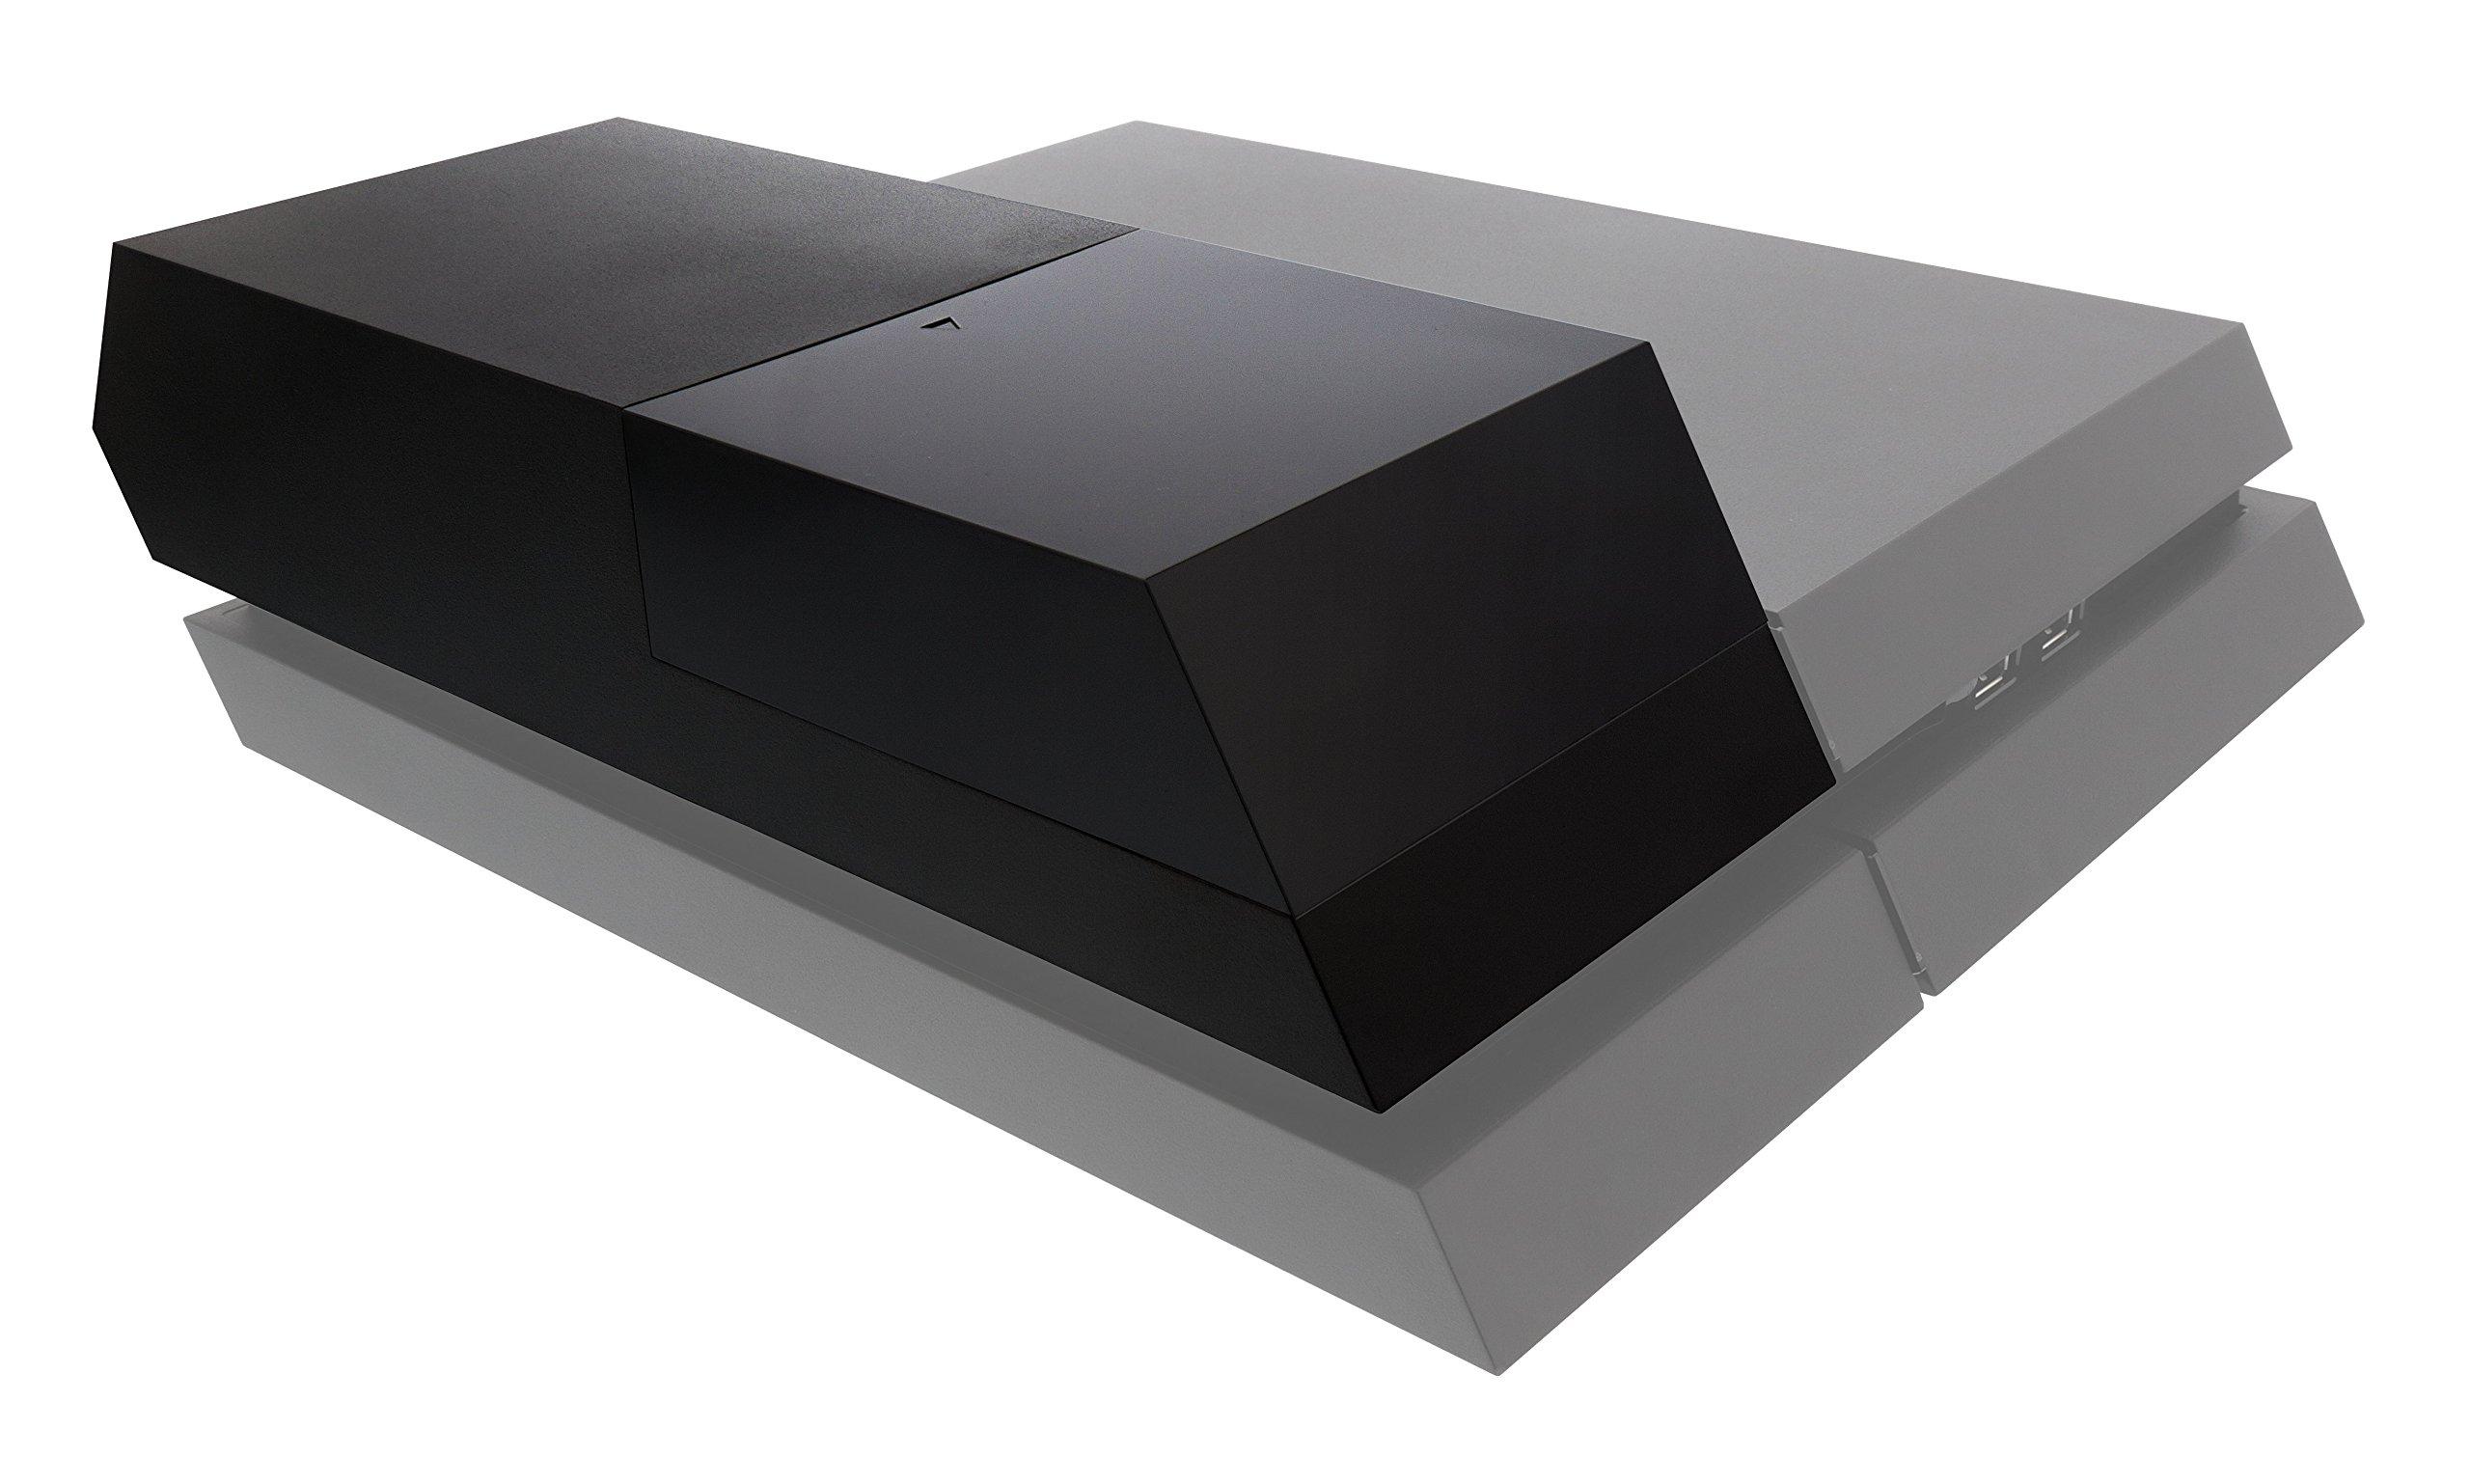 Nyko Data Bank - PlayStation 4 by Nyko